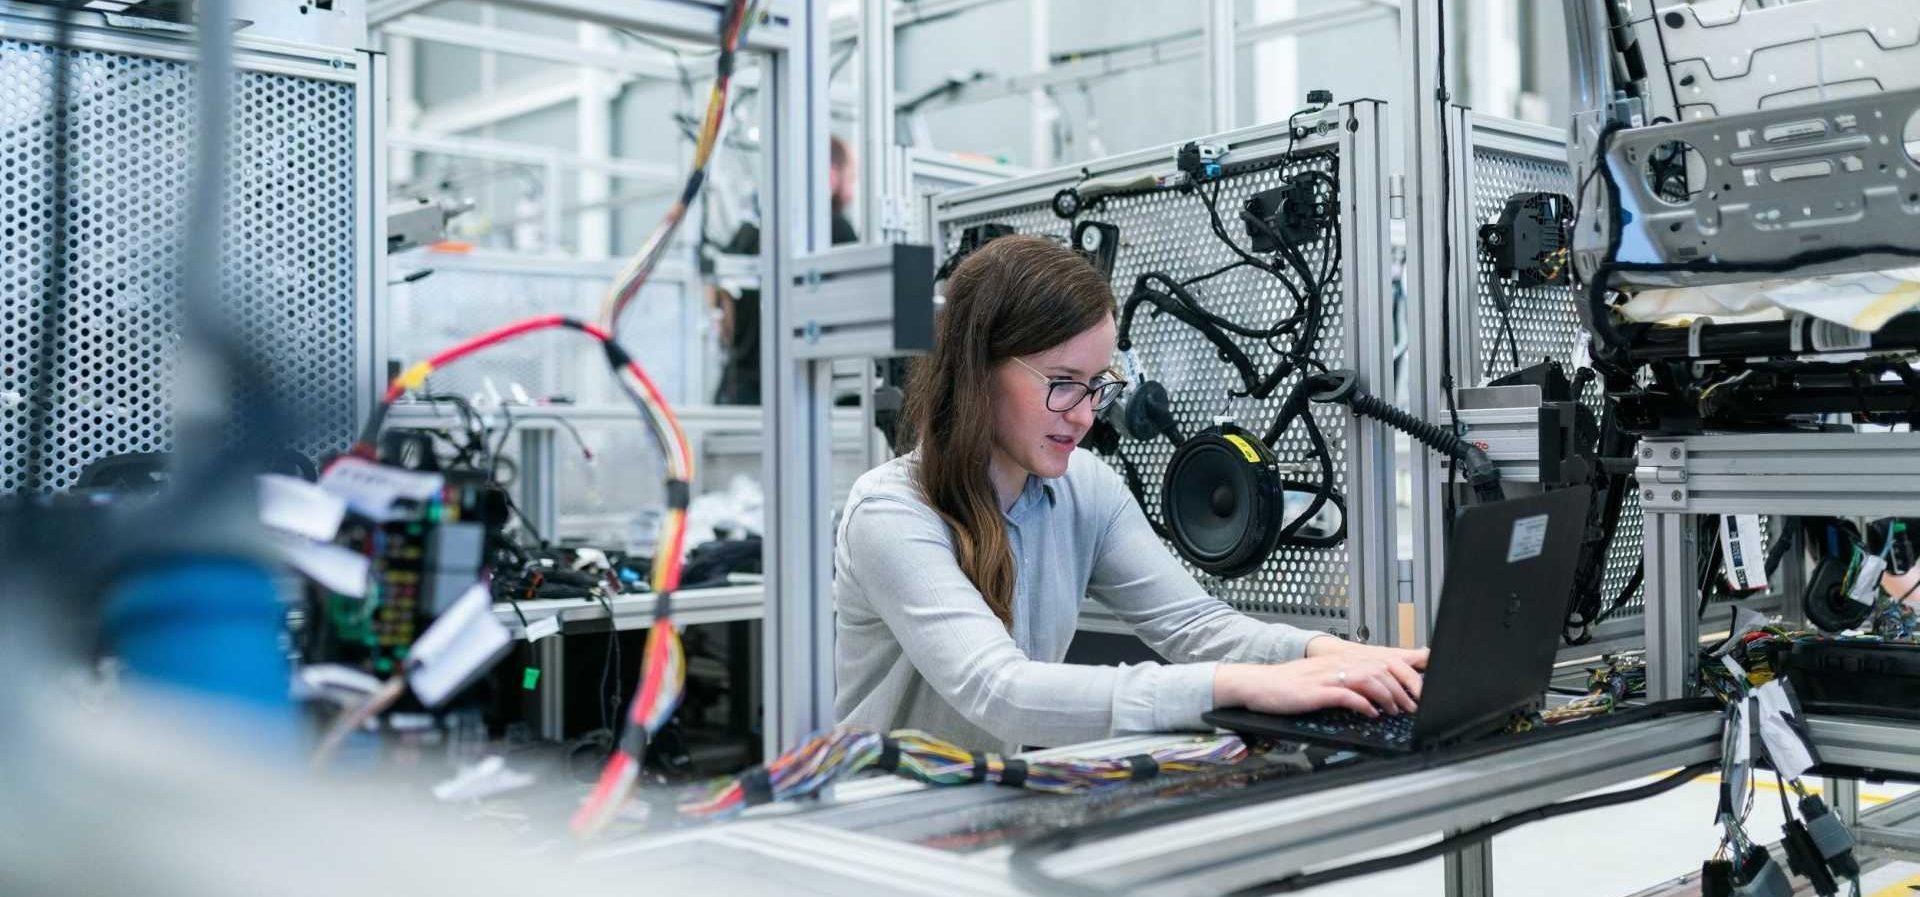 STOCK - R&D Tax Credits Digital Skills